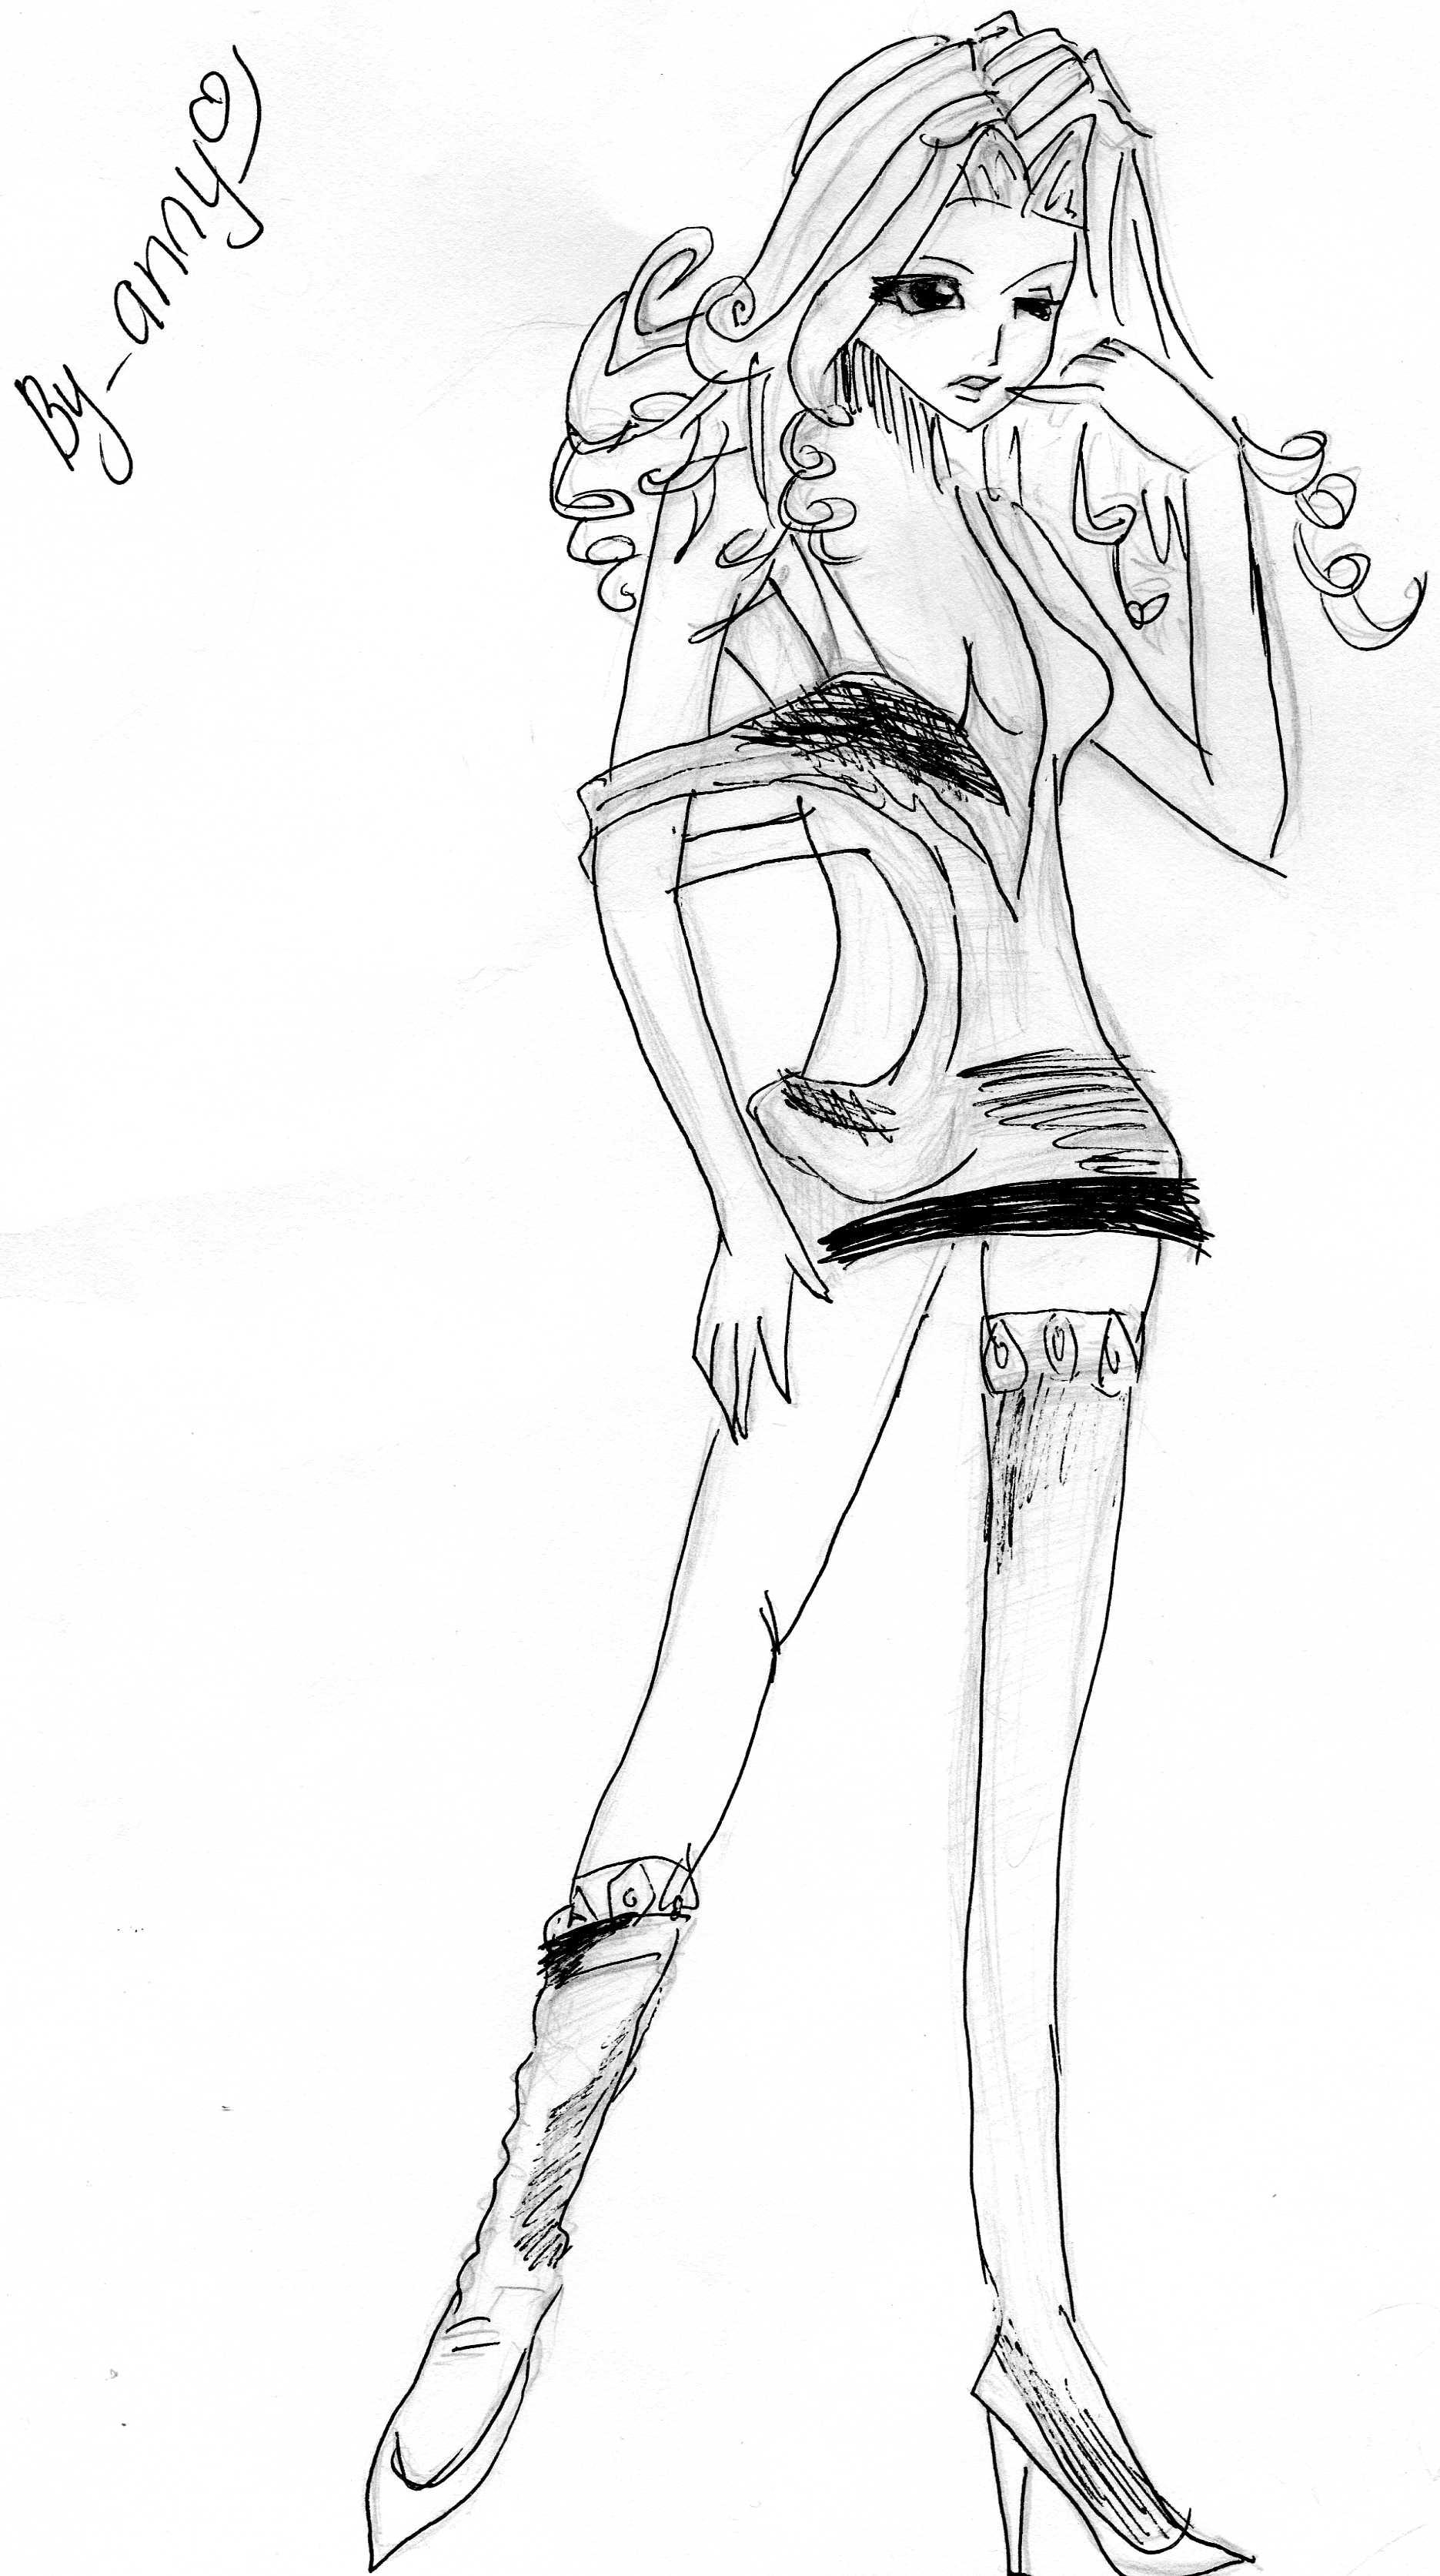 картинки в стиле аниме: